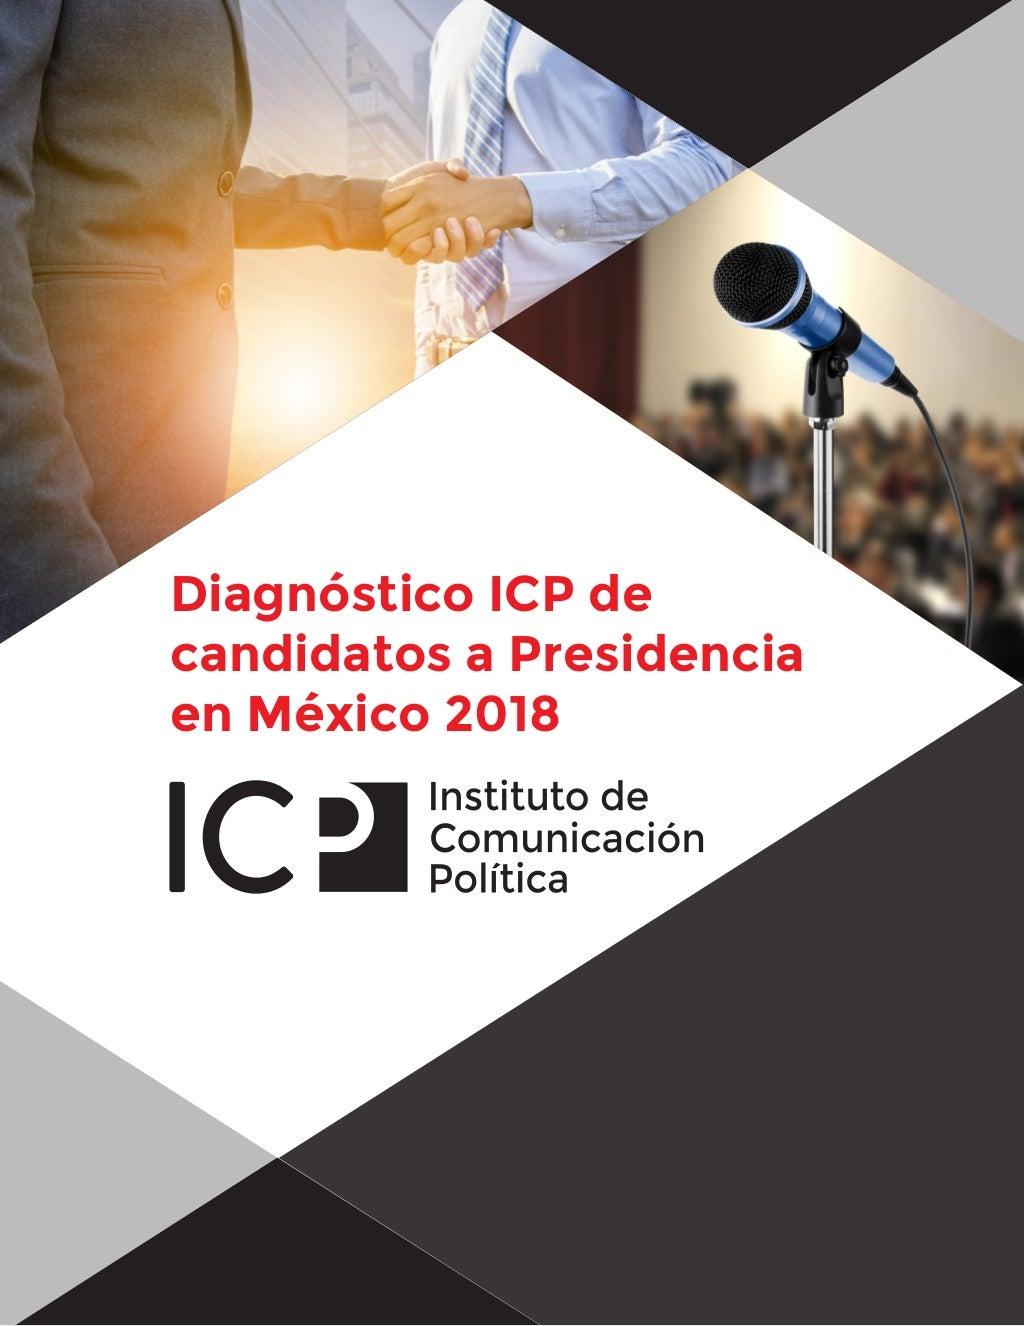 ICP: Diagnóstico de Candidatos a Presidencia de México 2018